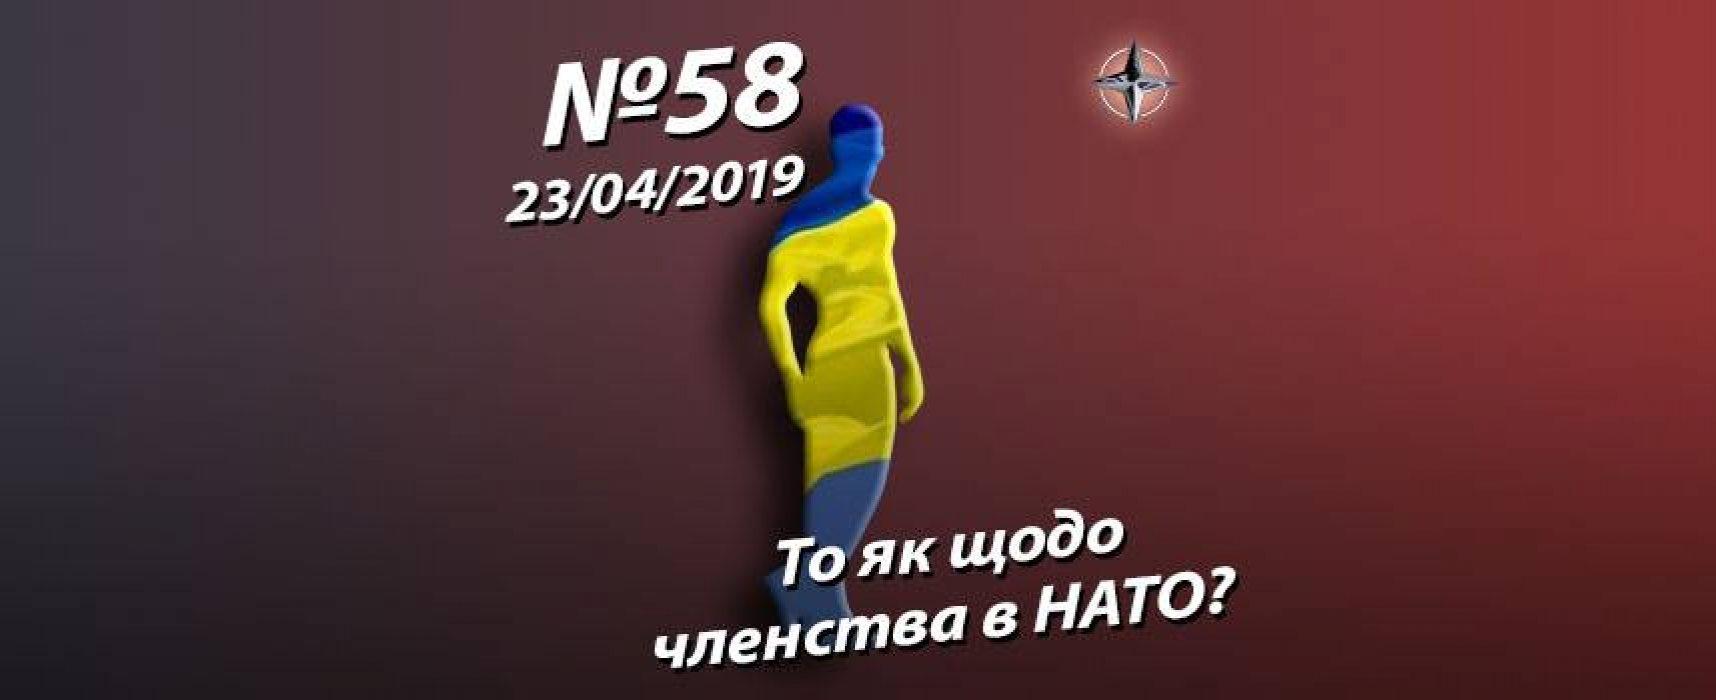 То як щодо членства в НАТО? – StopFake.org